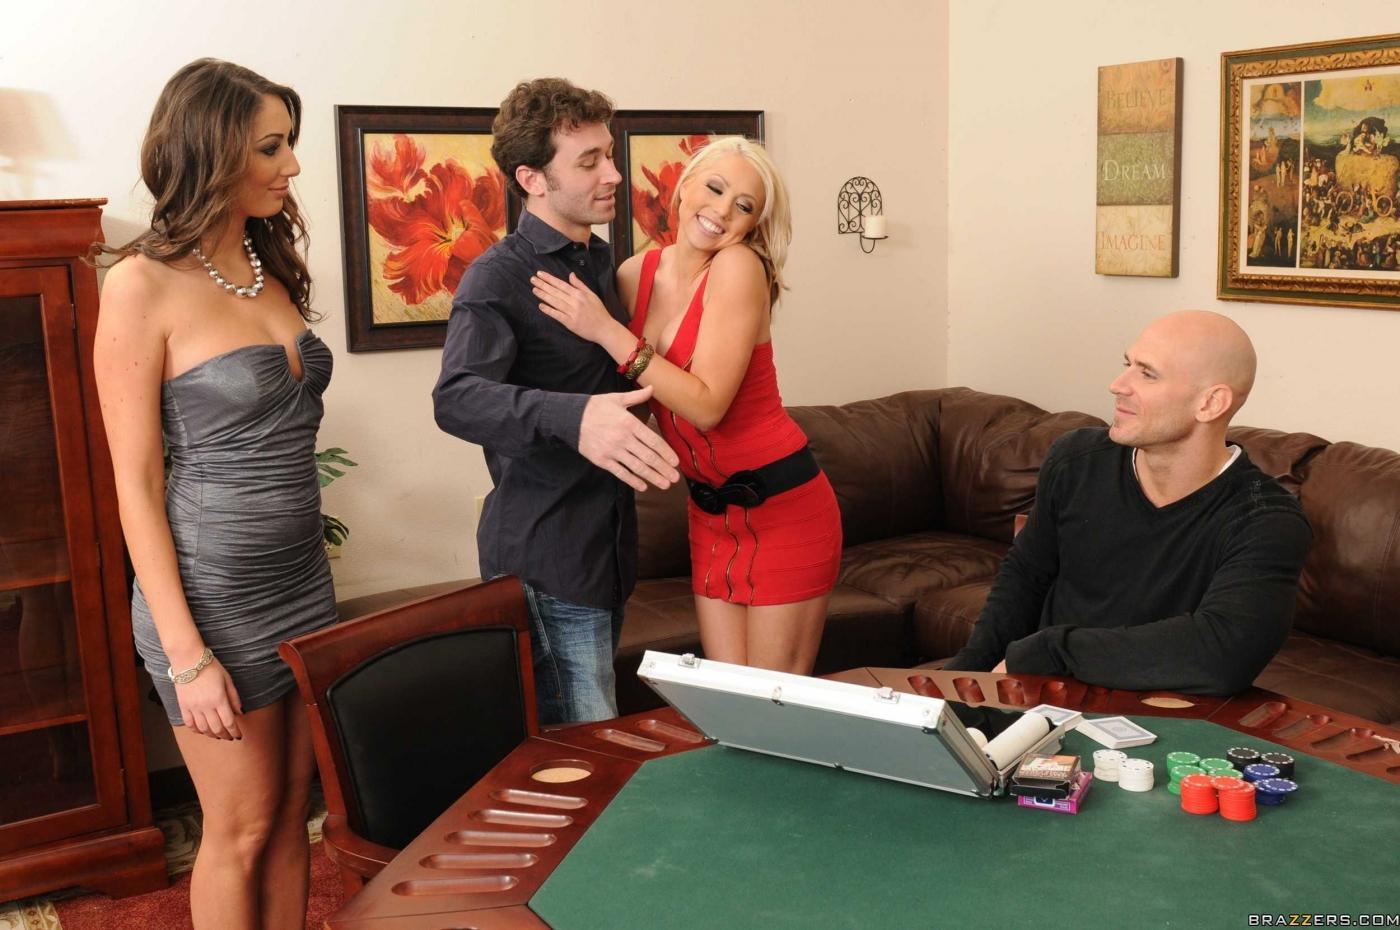 Шона Ленэй и Angelica Saige вылизываю дырочки друг друга и грубо ебутся после игры в покер